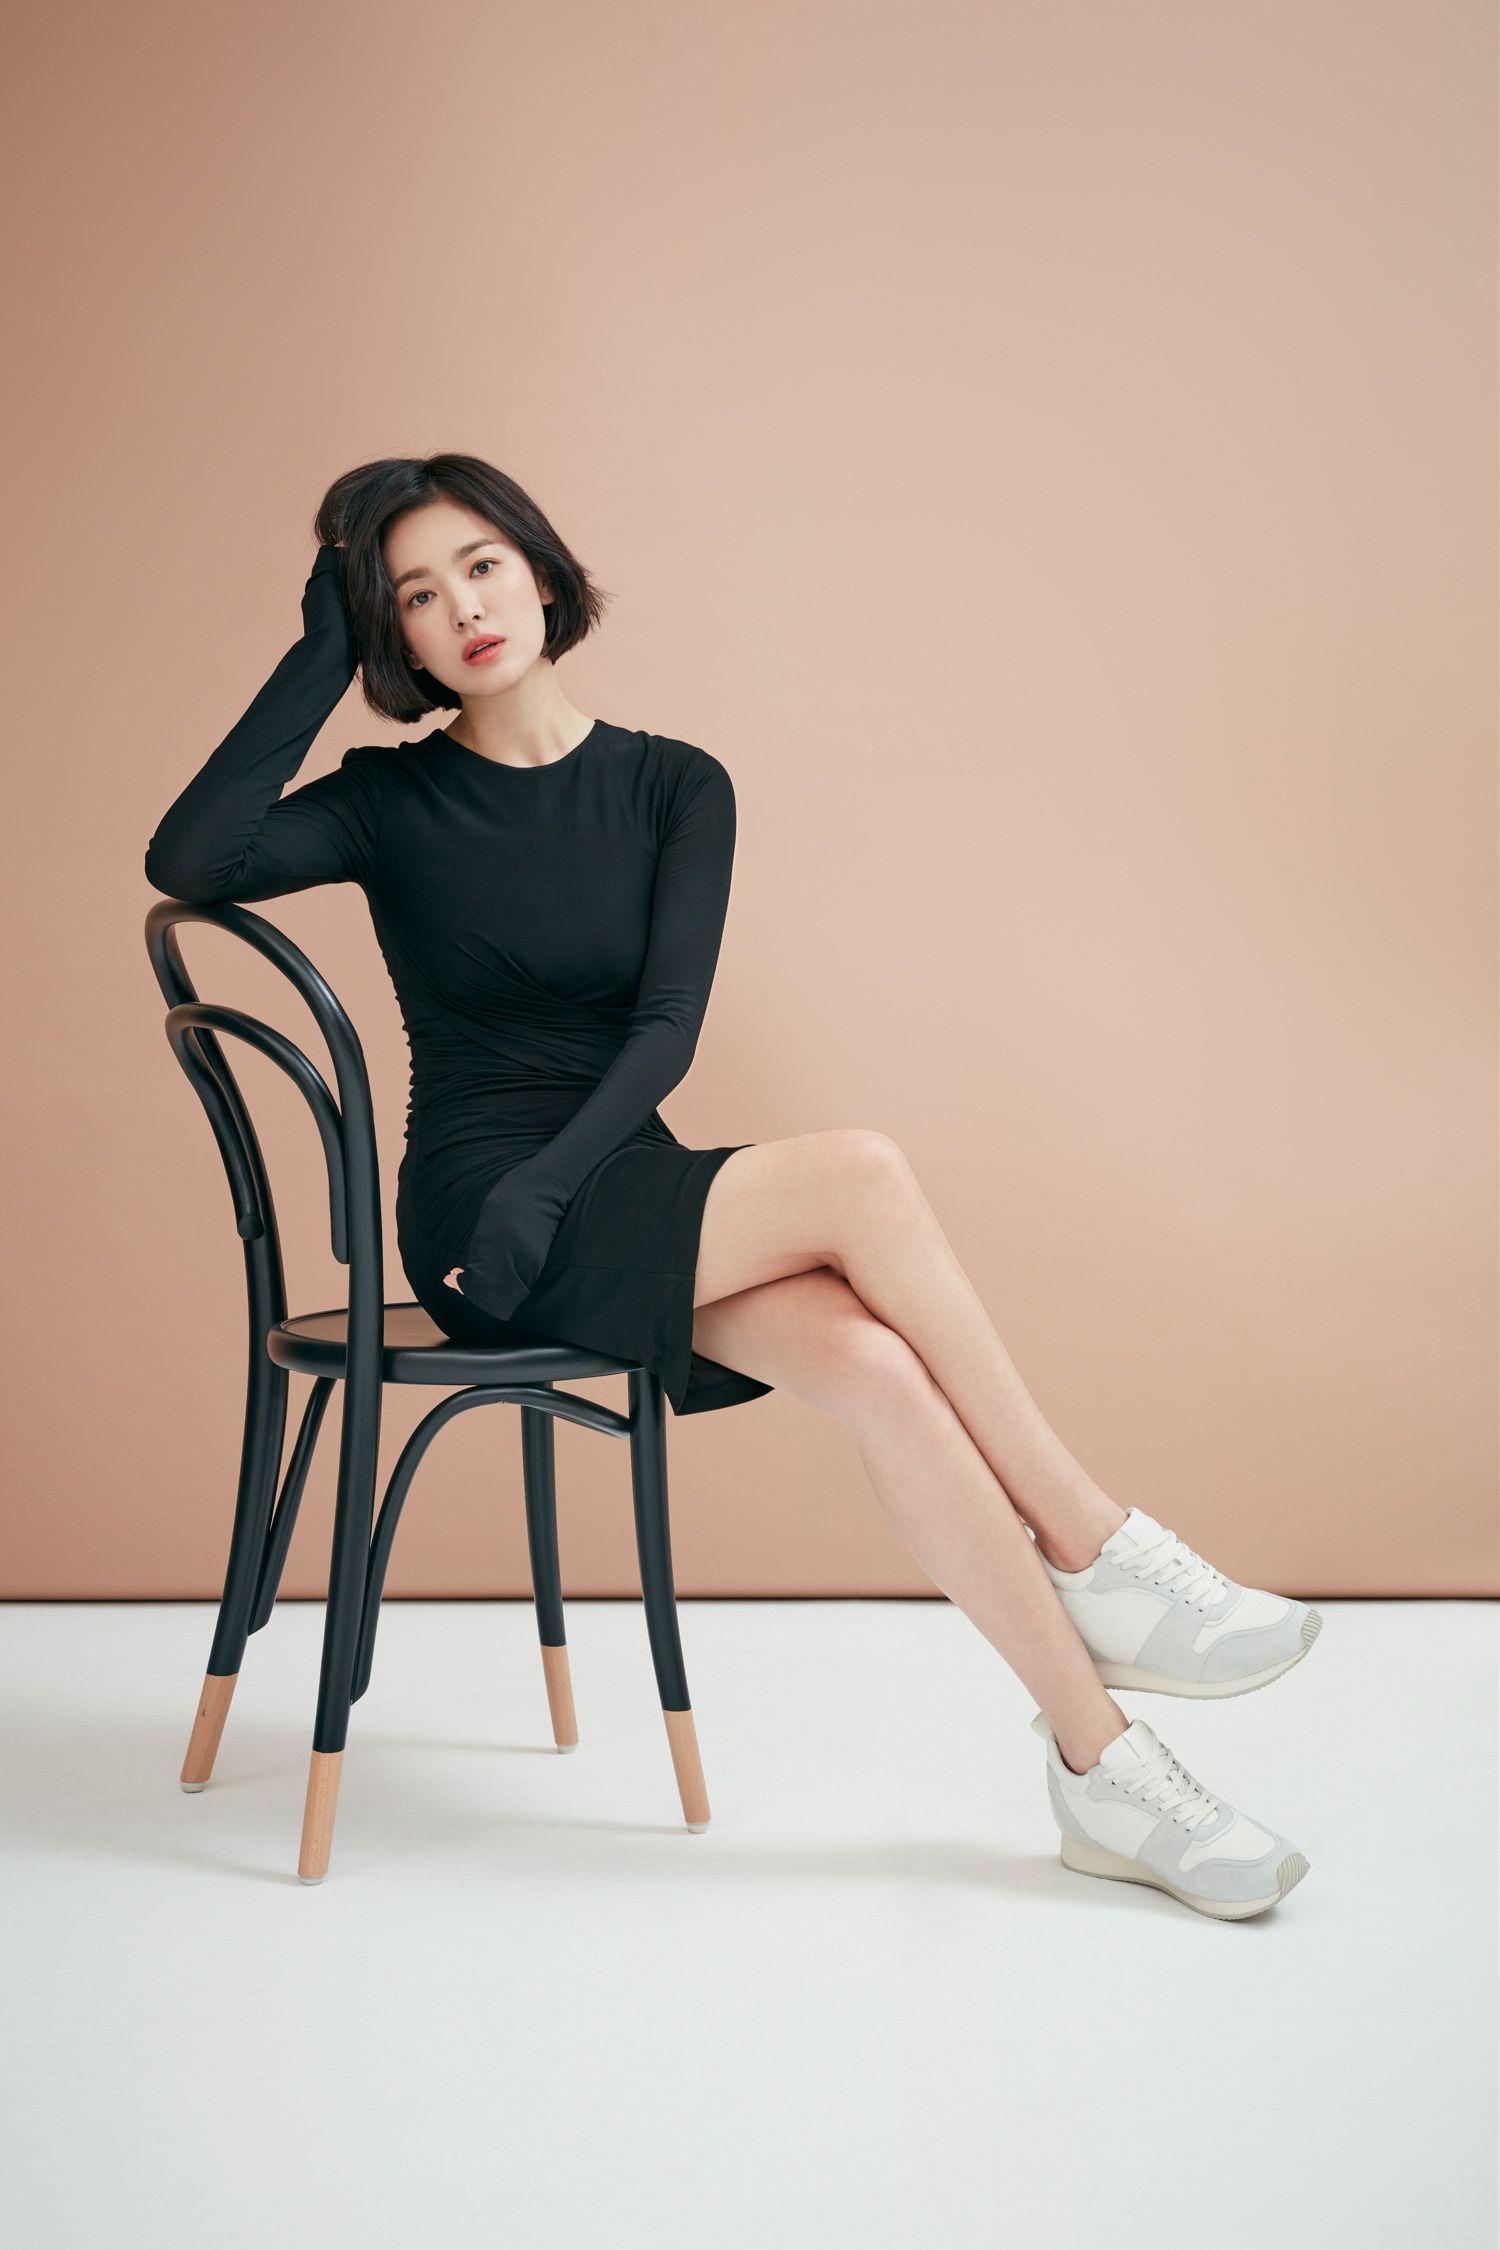 KOLONMALL 2020 예쁜 여자 얼굴, 스타일, 패션